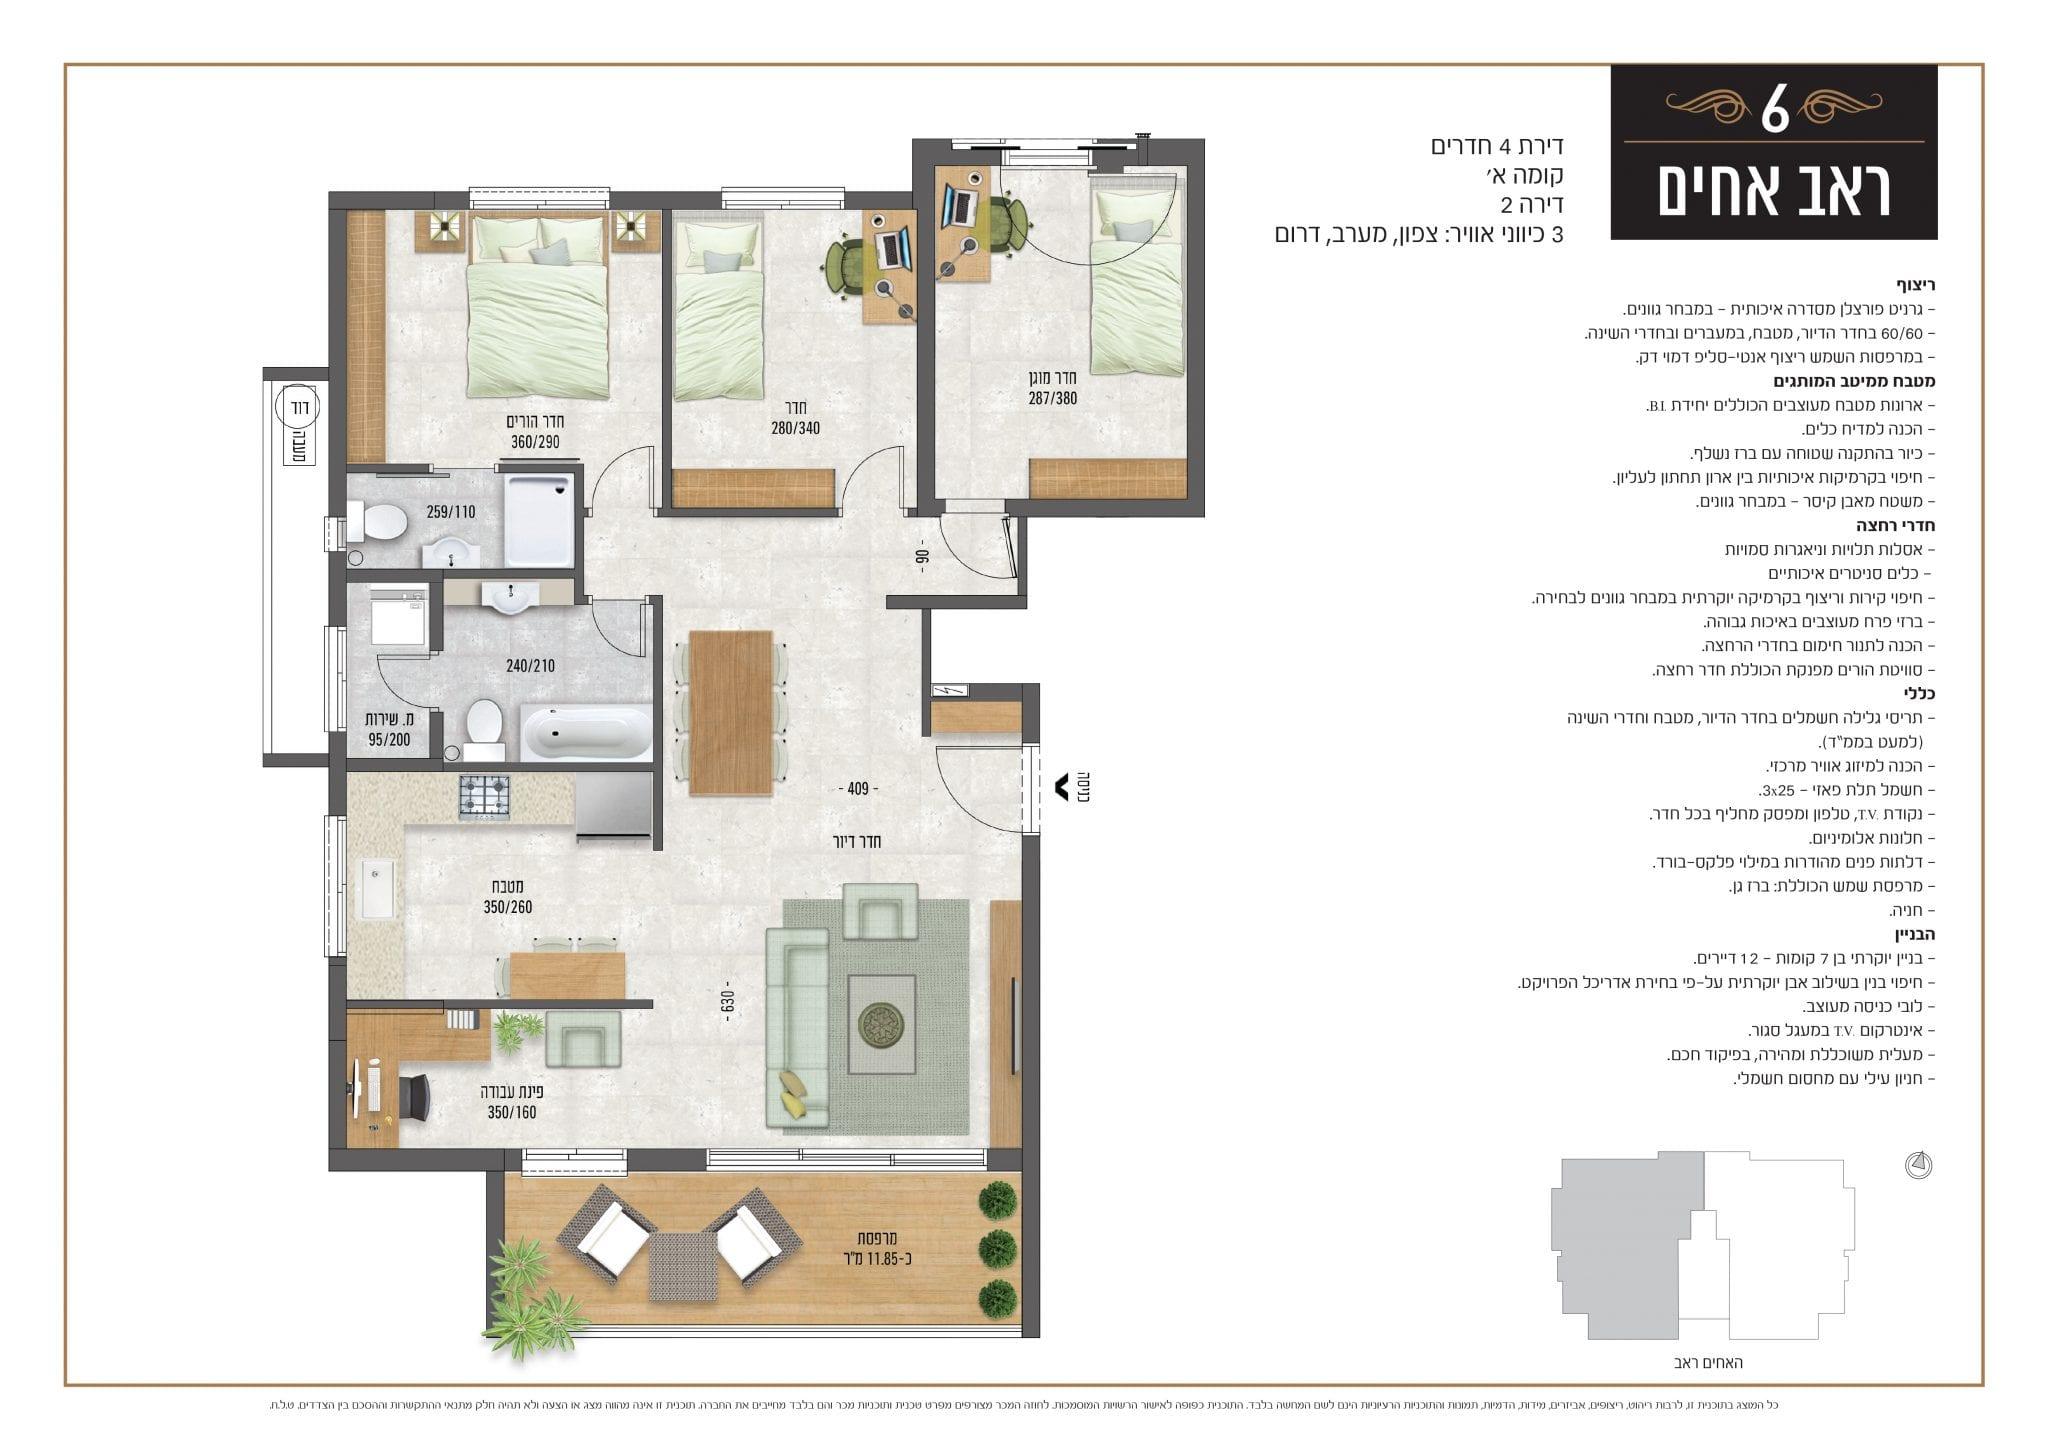 דירת 4 חדרים, קומה 1 - מספר 2 - כולל פינת עבודה